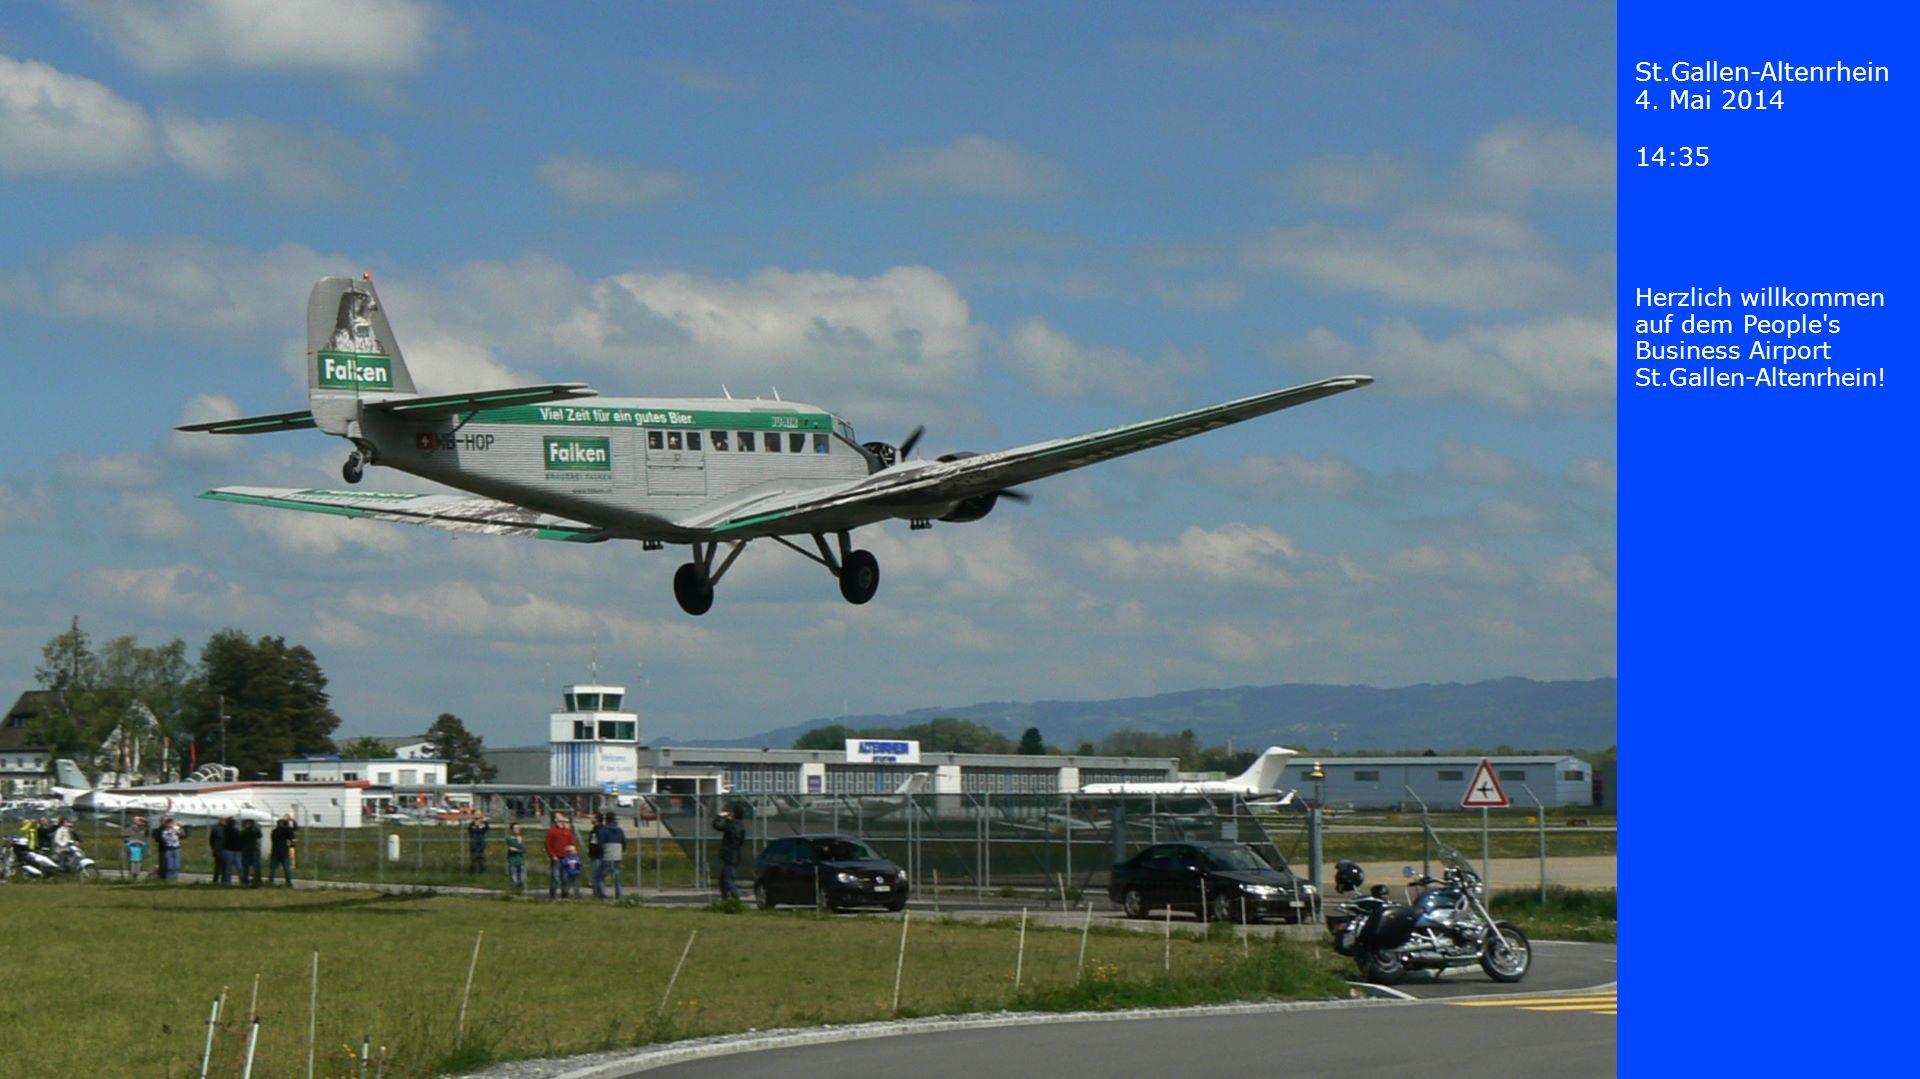 St.Gallen-Altenrhein 4. Mai 2014 14:35 Herzlich willkommen auf dem People's Business Airport St.Gallen-Altenrhein!